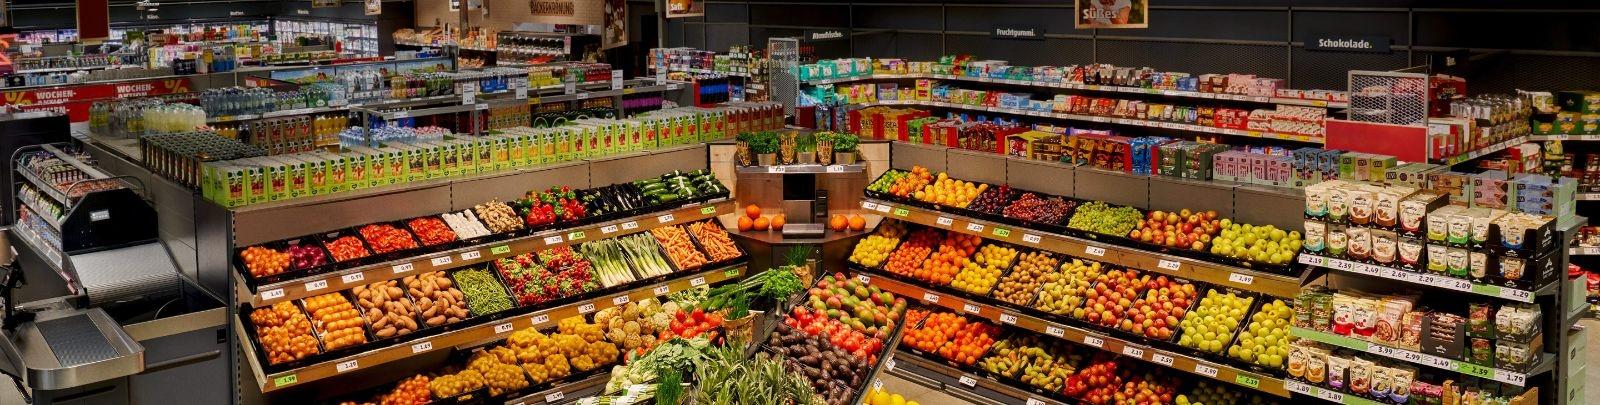 Obst- & Gemüseabteilung eines PENNYs mit neuem Marktkonzept